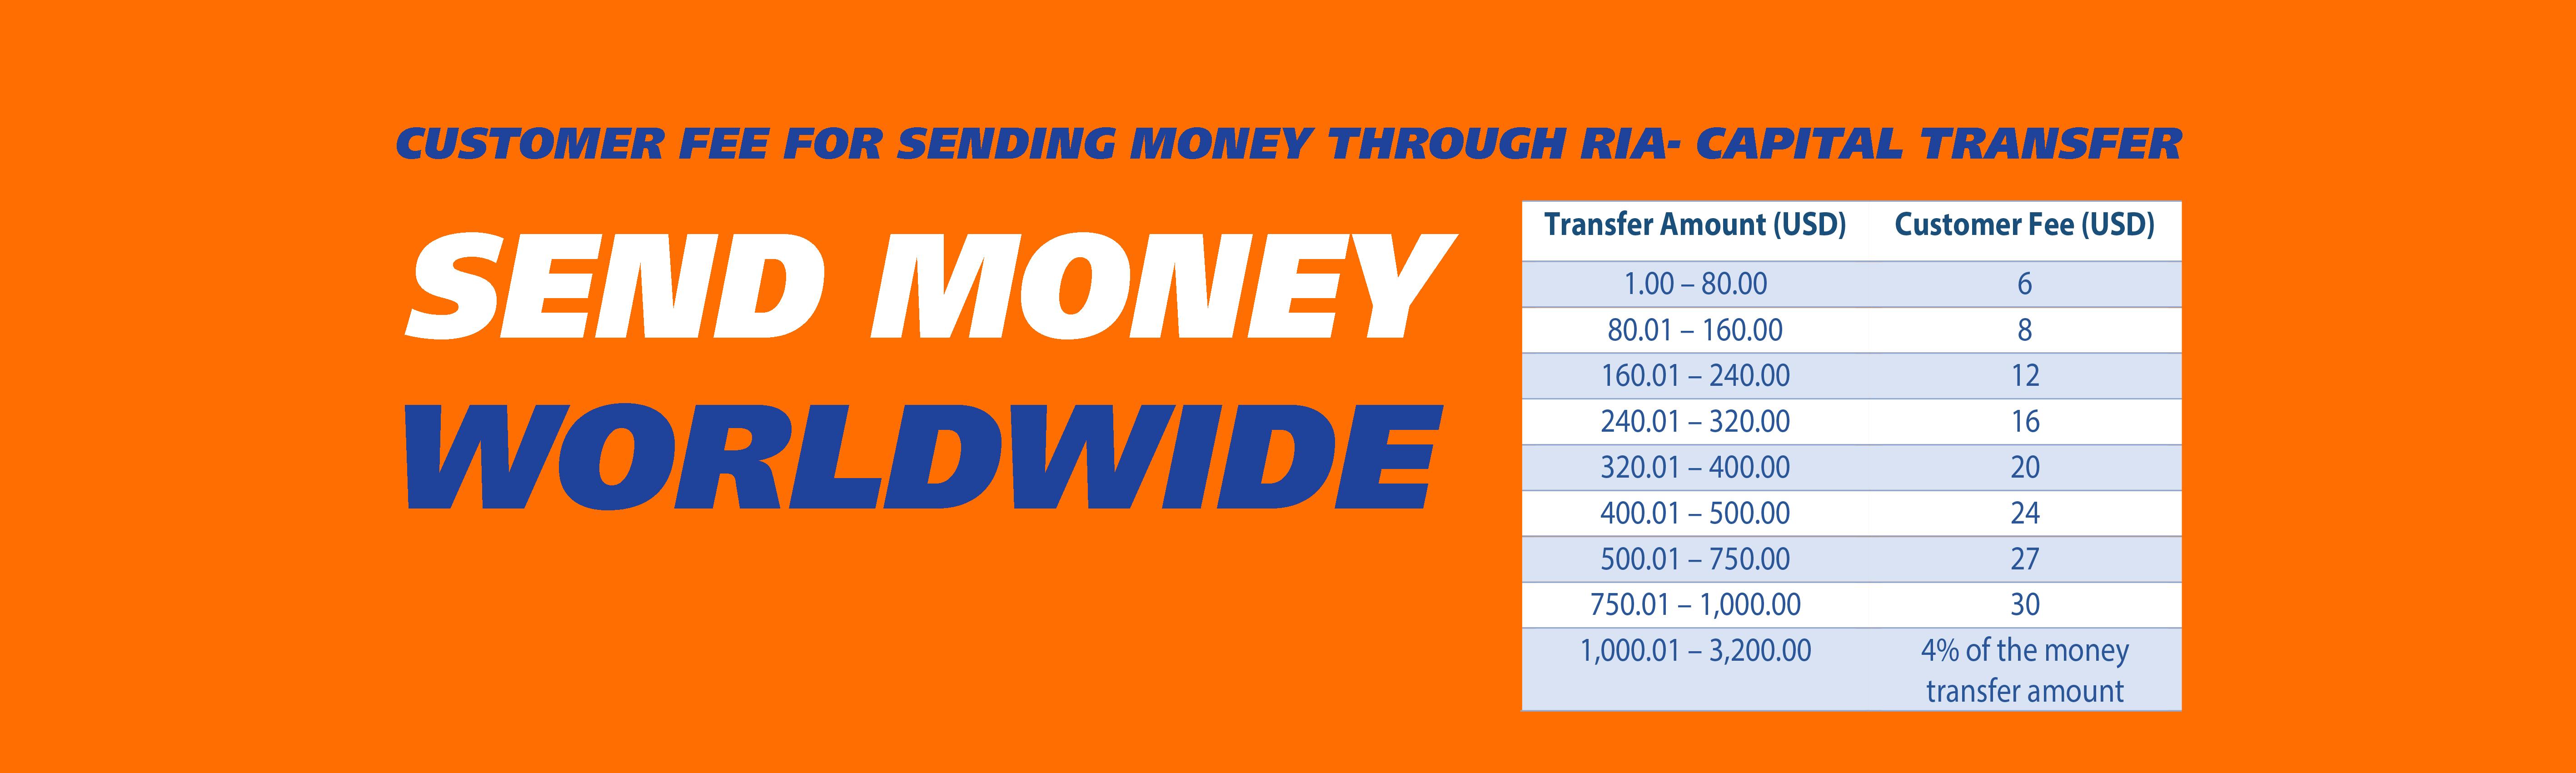 Customer Fee For Sending Money Worldwide